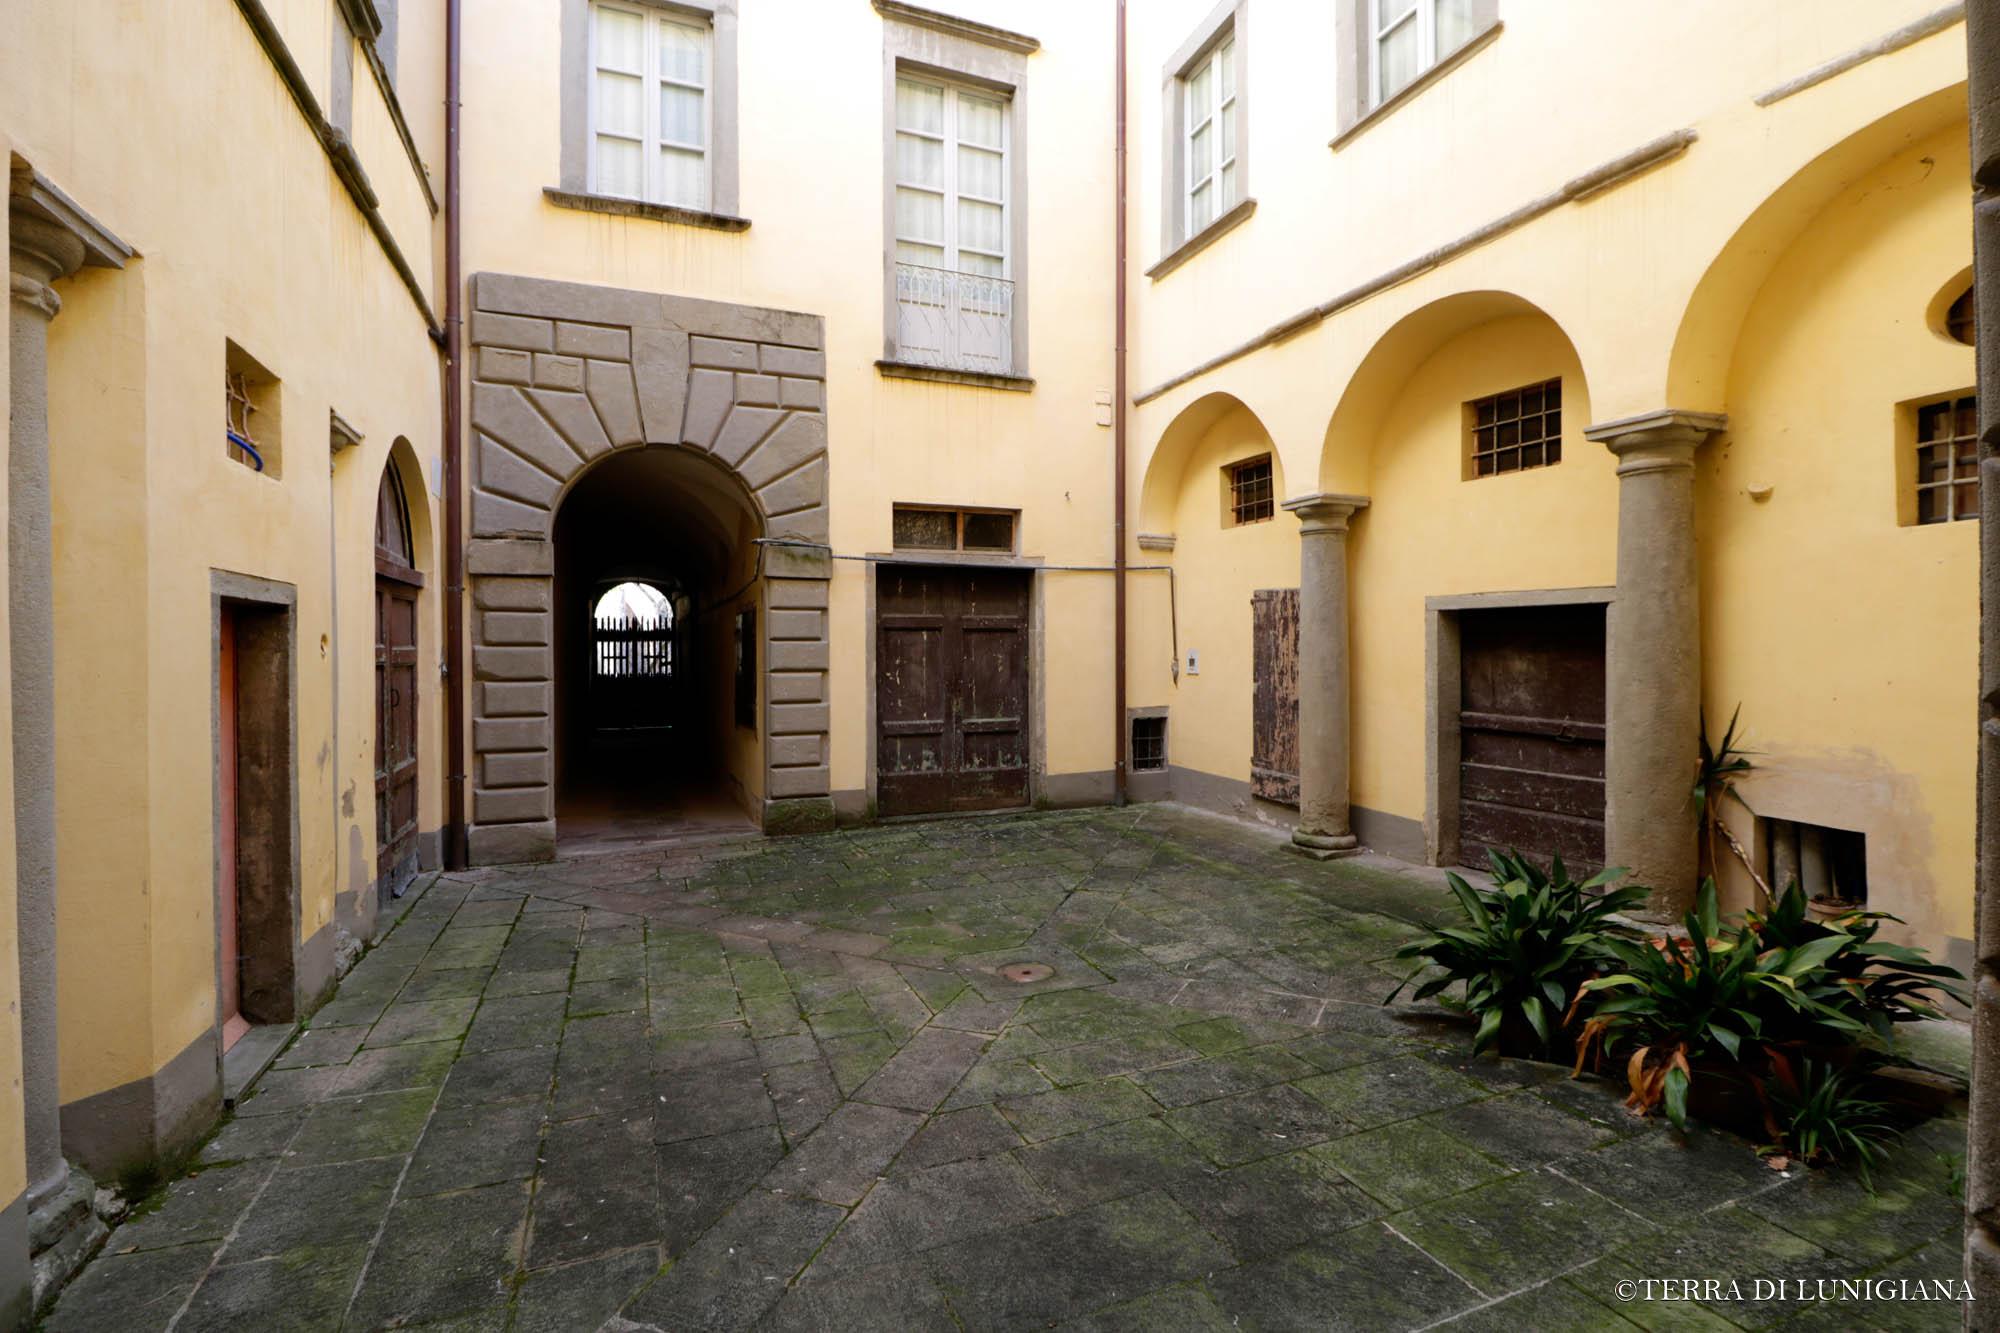 Lo scacco appartamento con giardino terra di lunigiana - Giardino interno appartamento ...